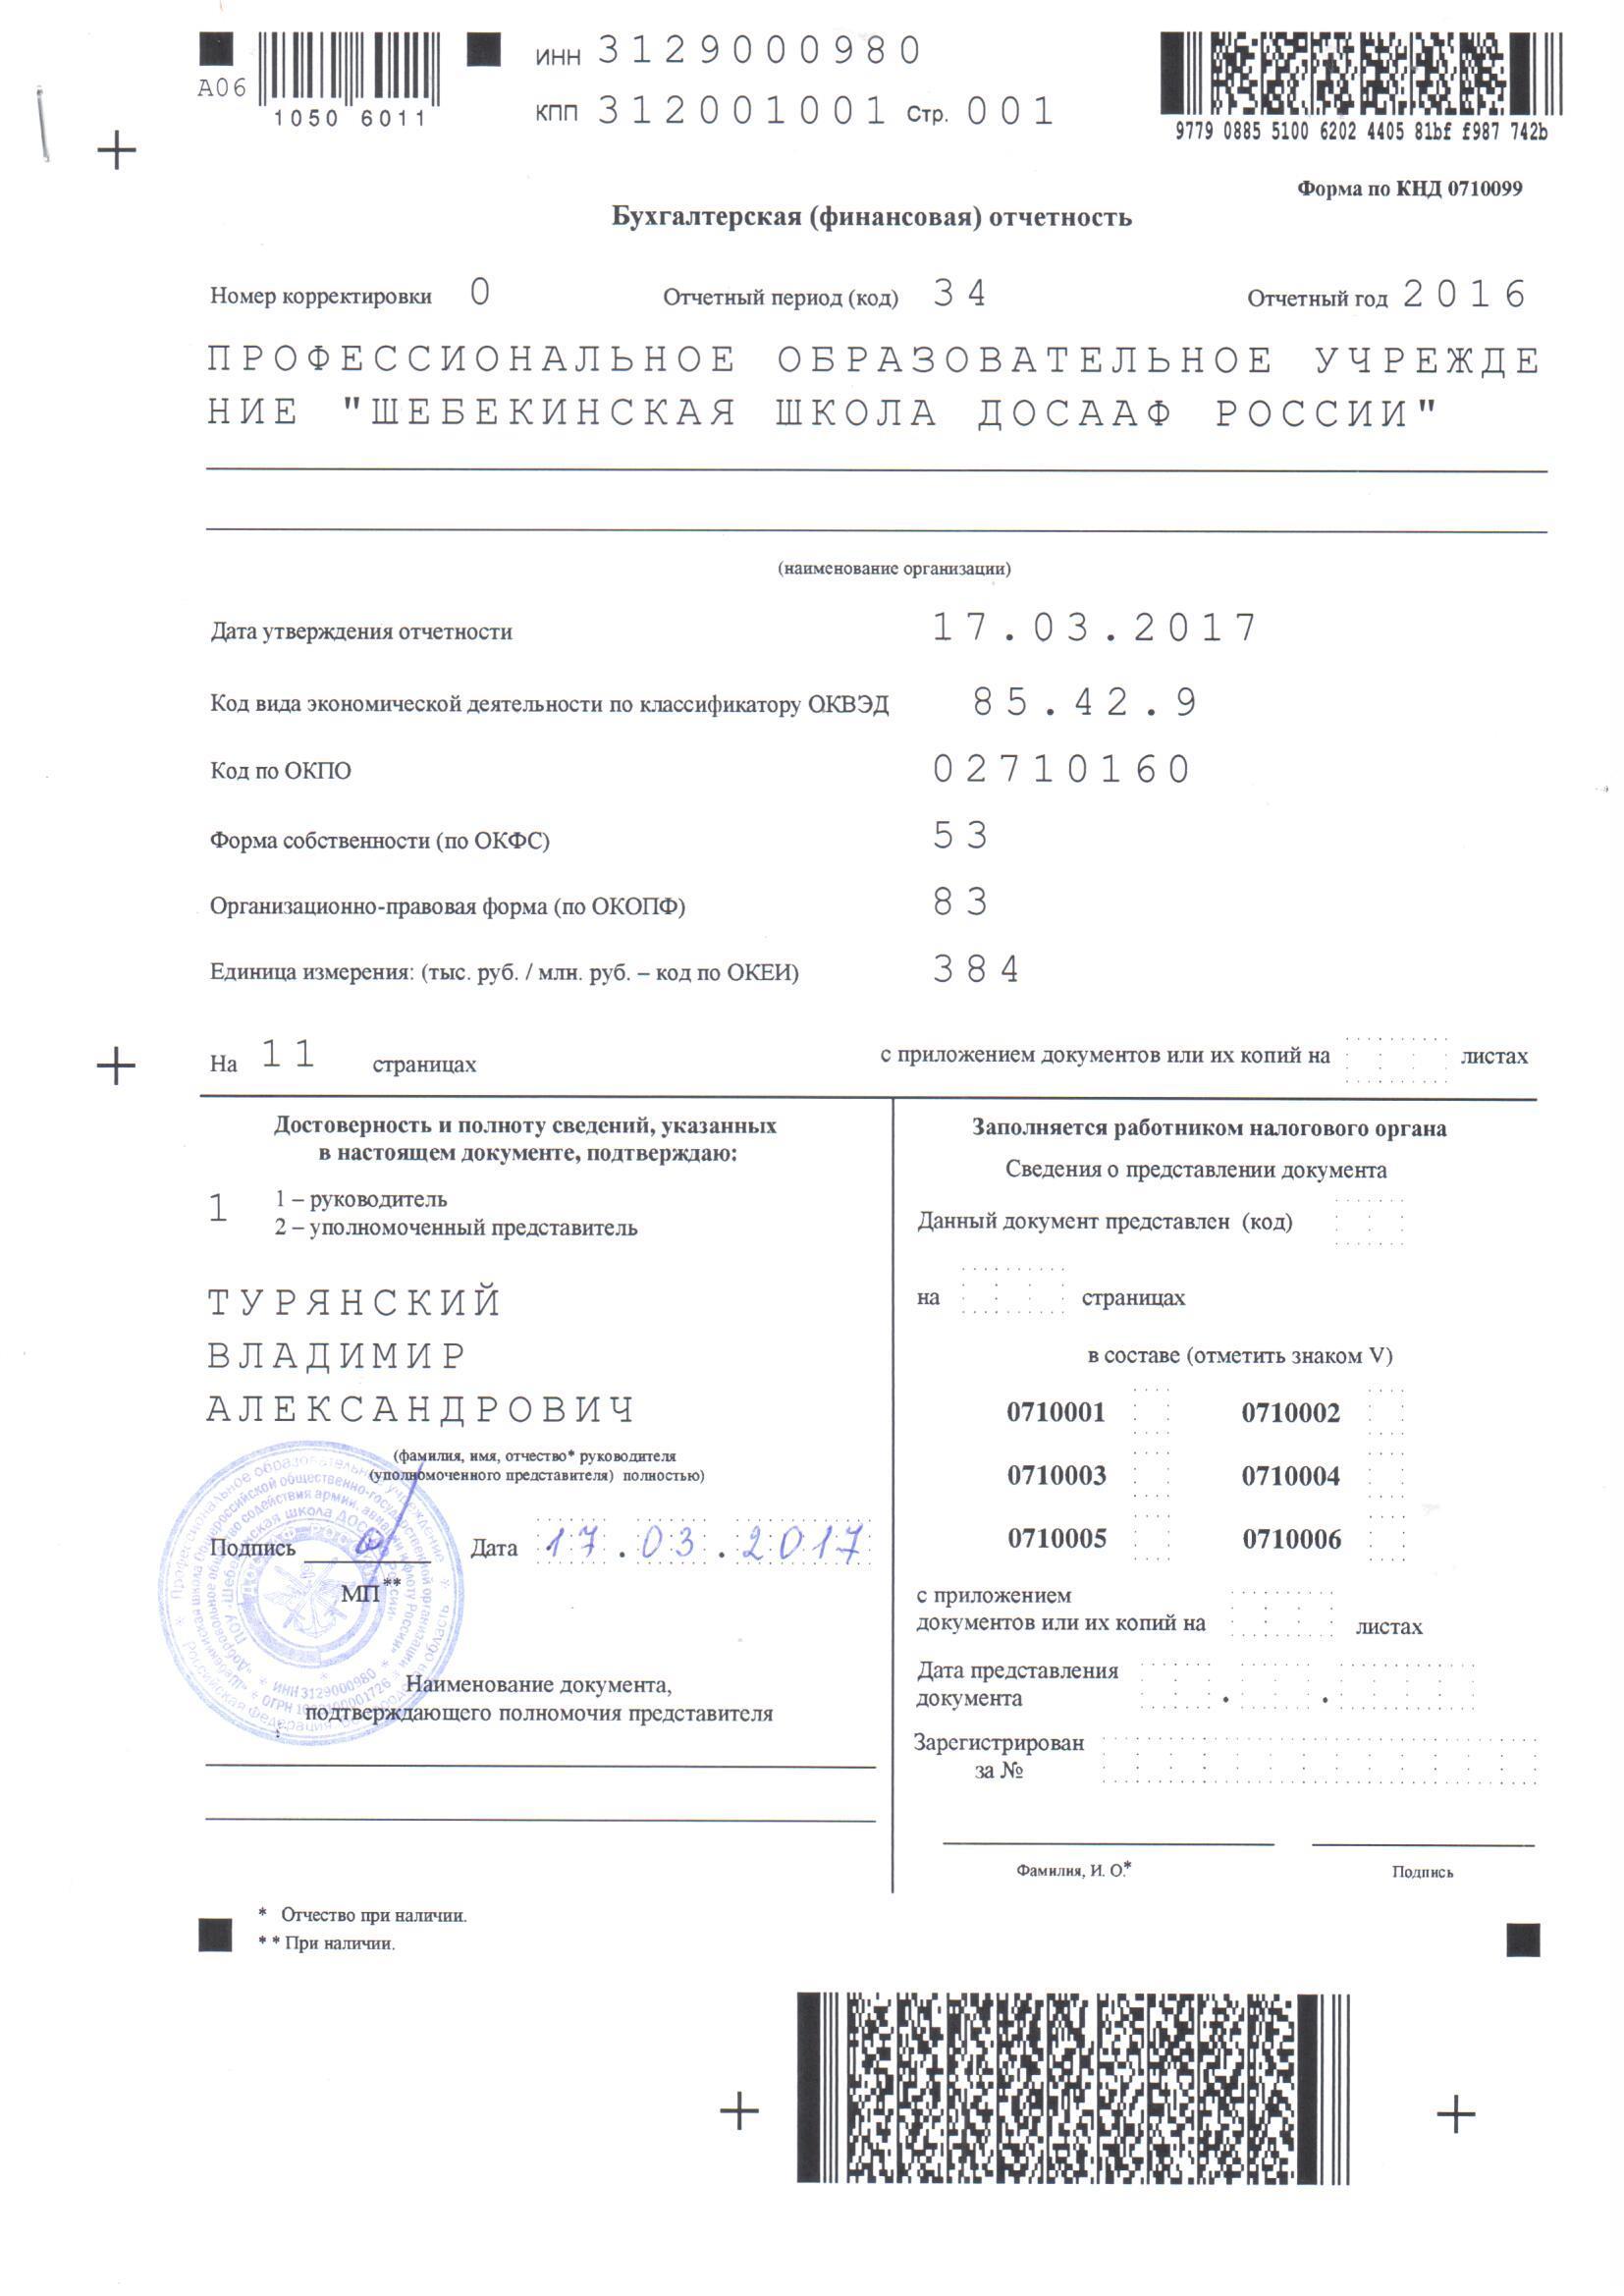 Бухгалтерская (финансовая) отчетность - 2016 год0001